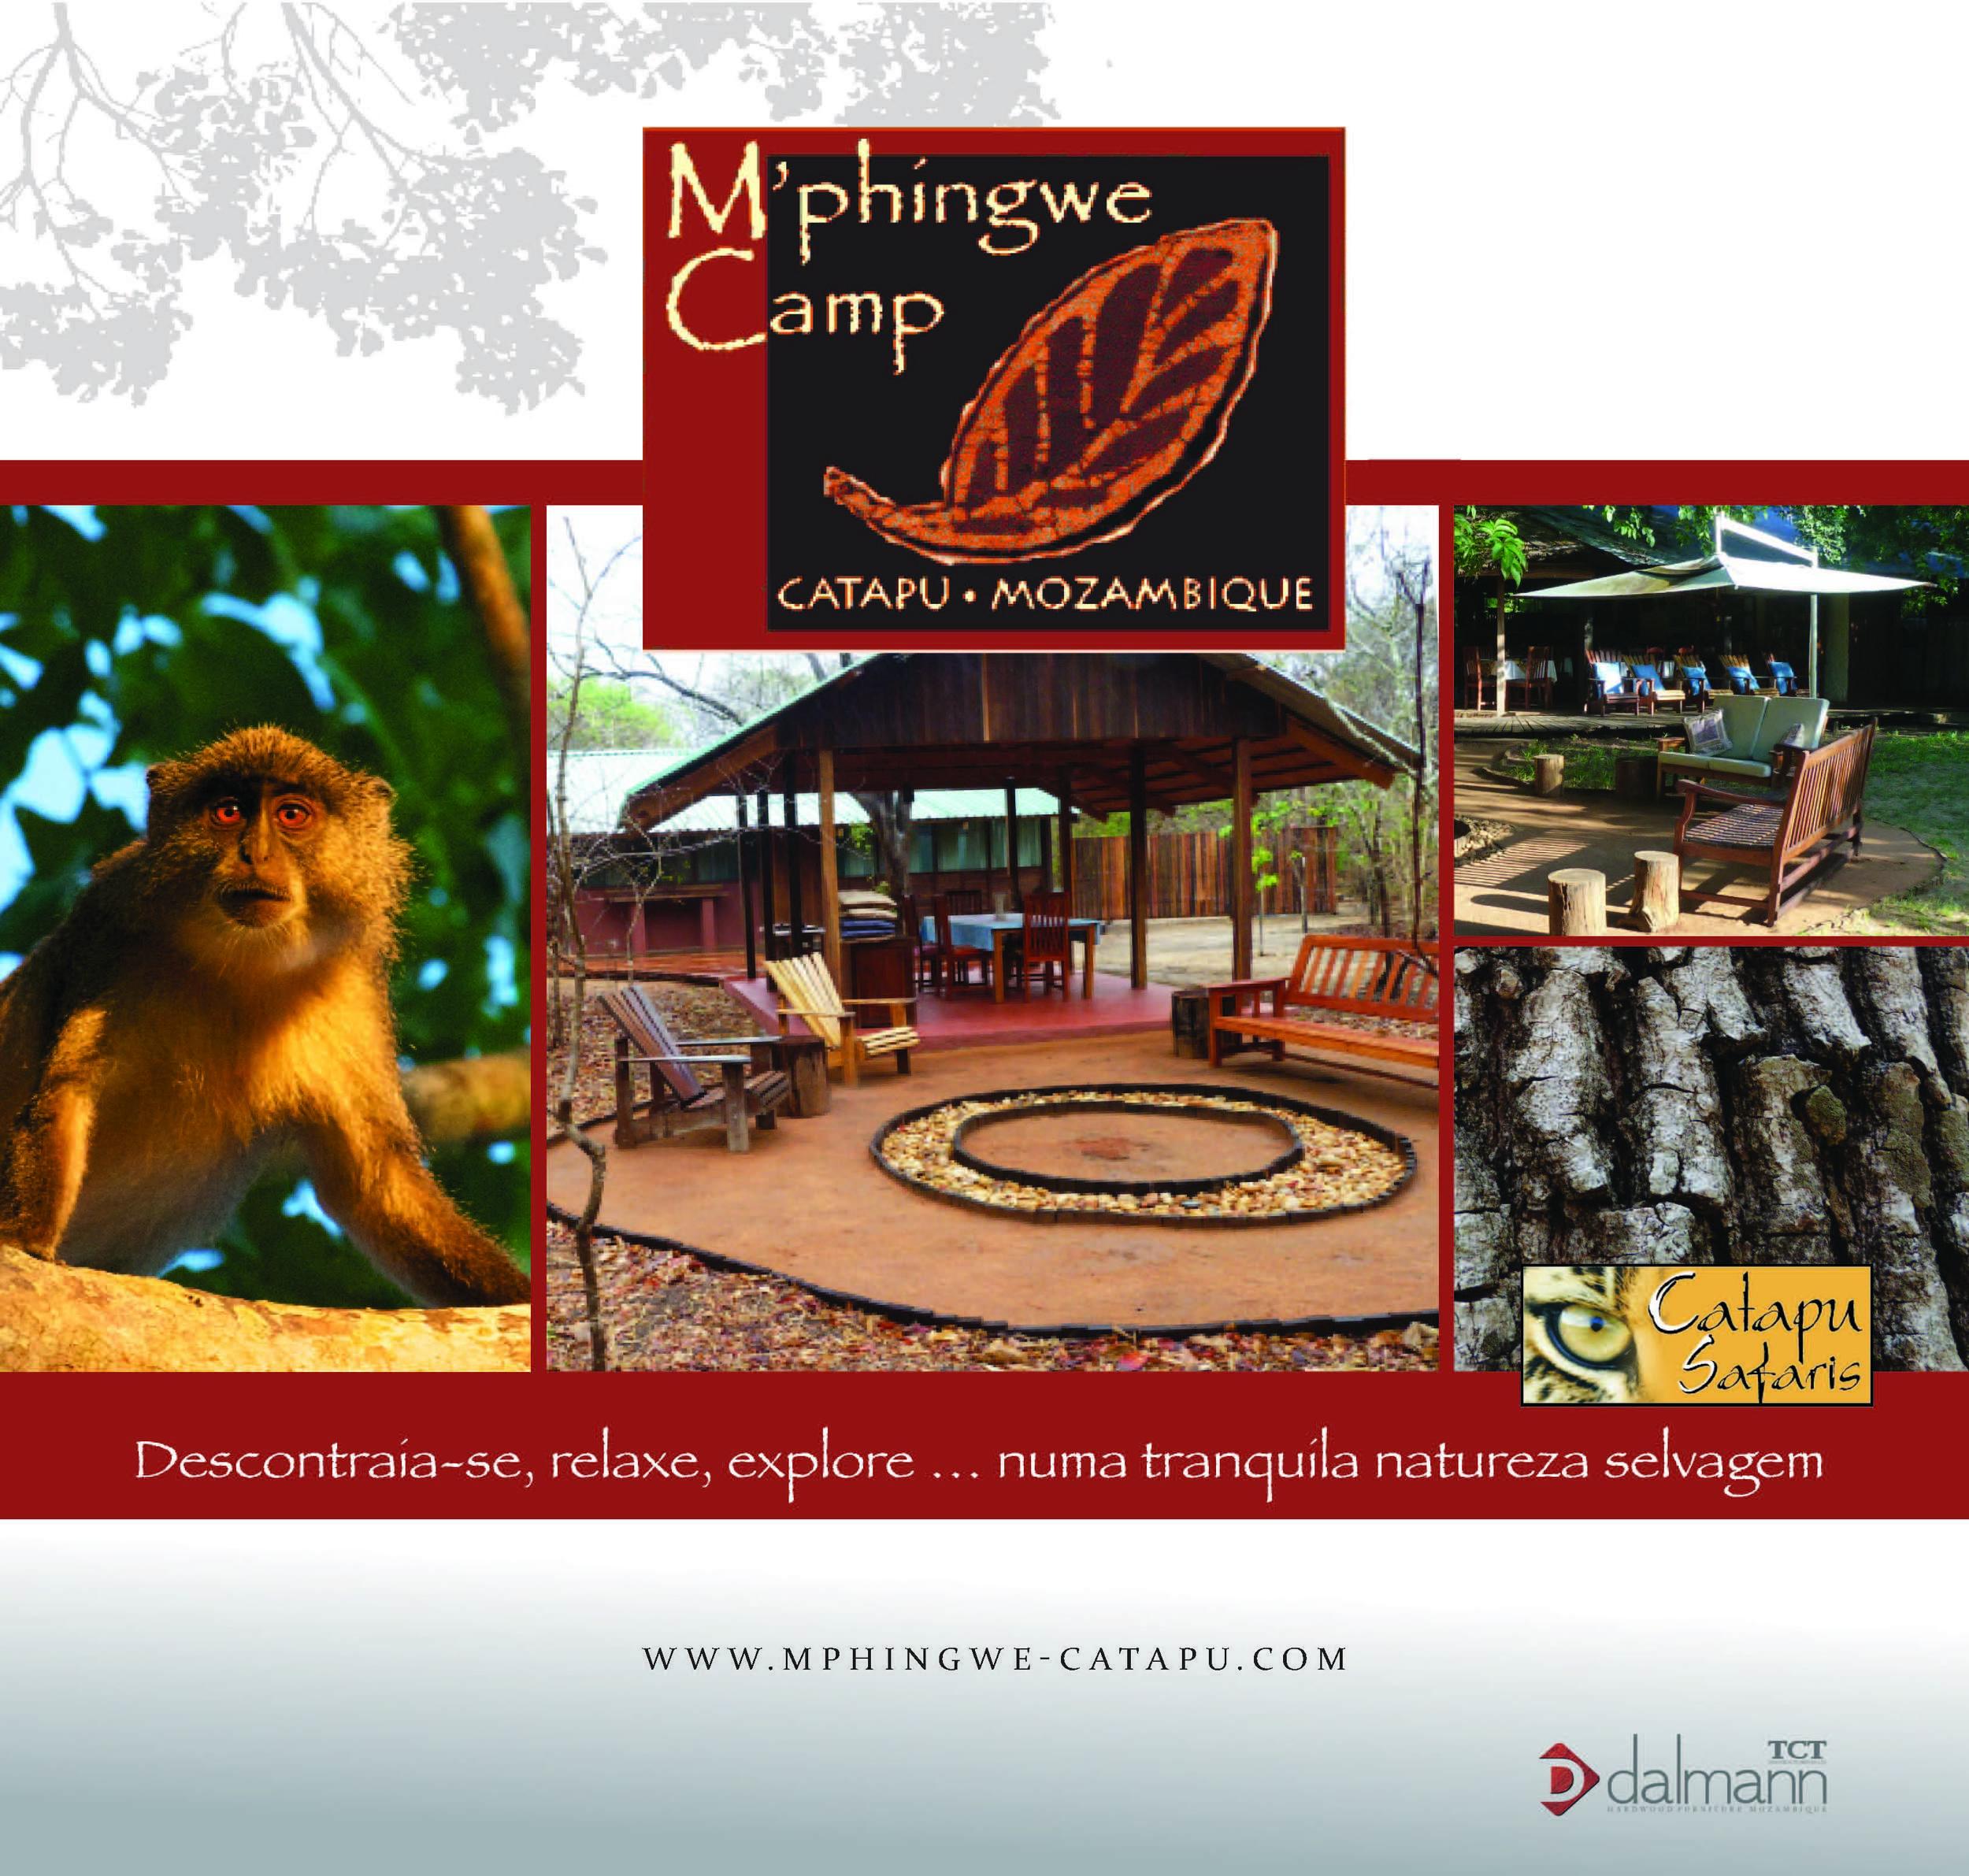 TCT Dalmann Brochura - Mphingwe - Português